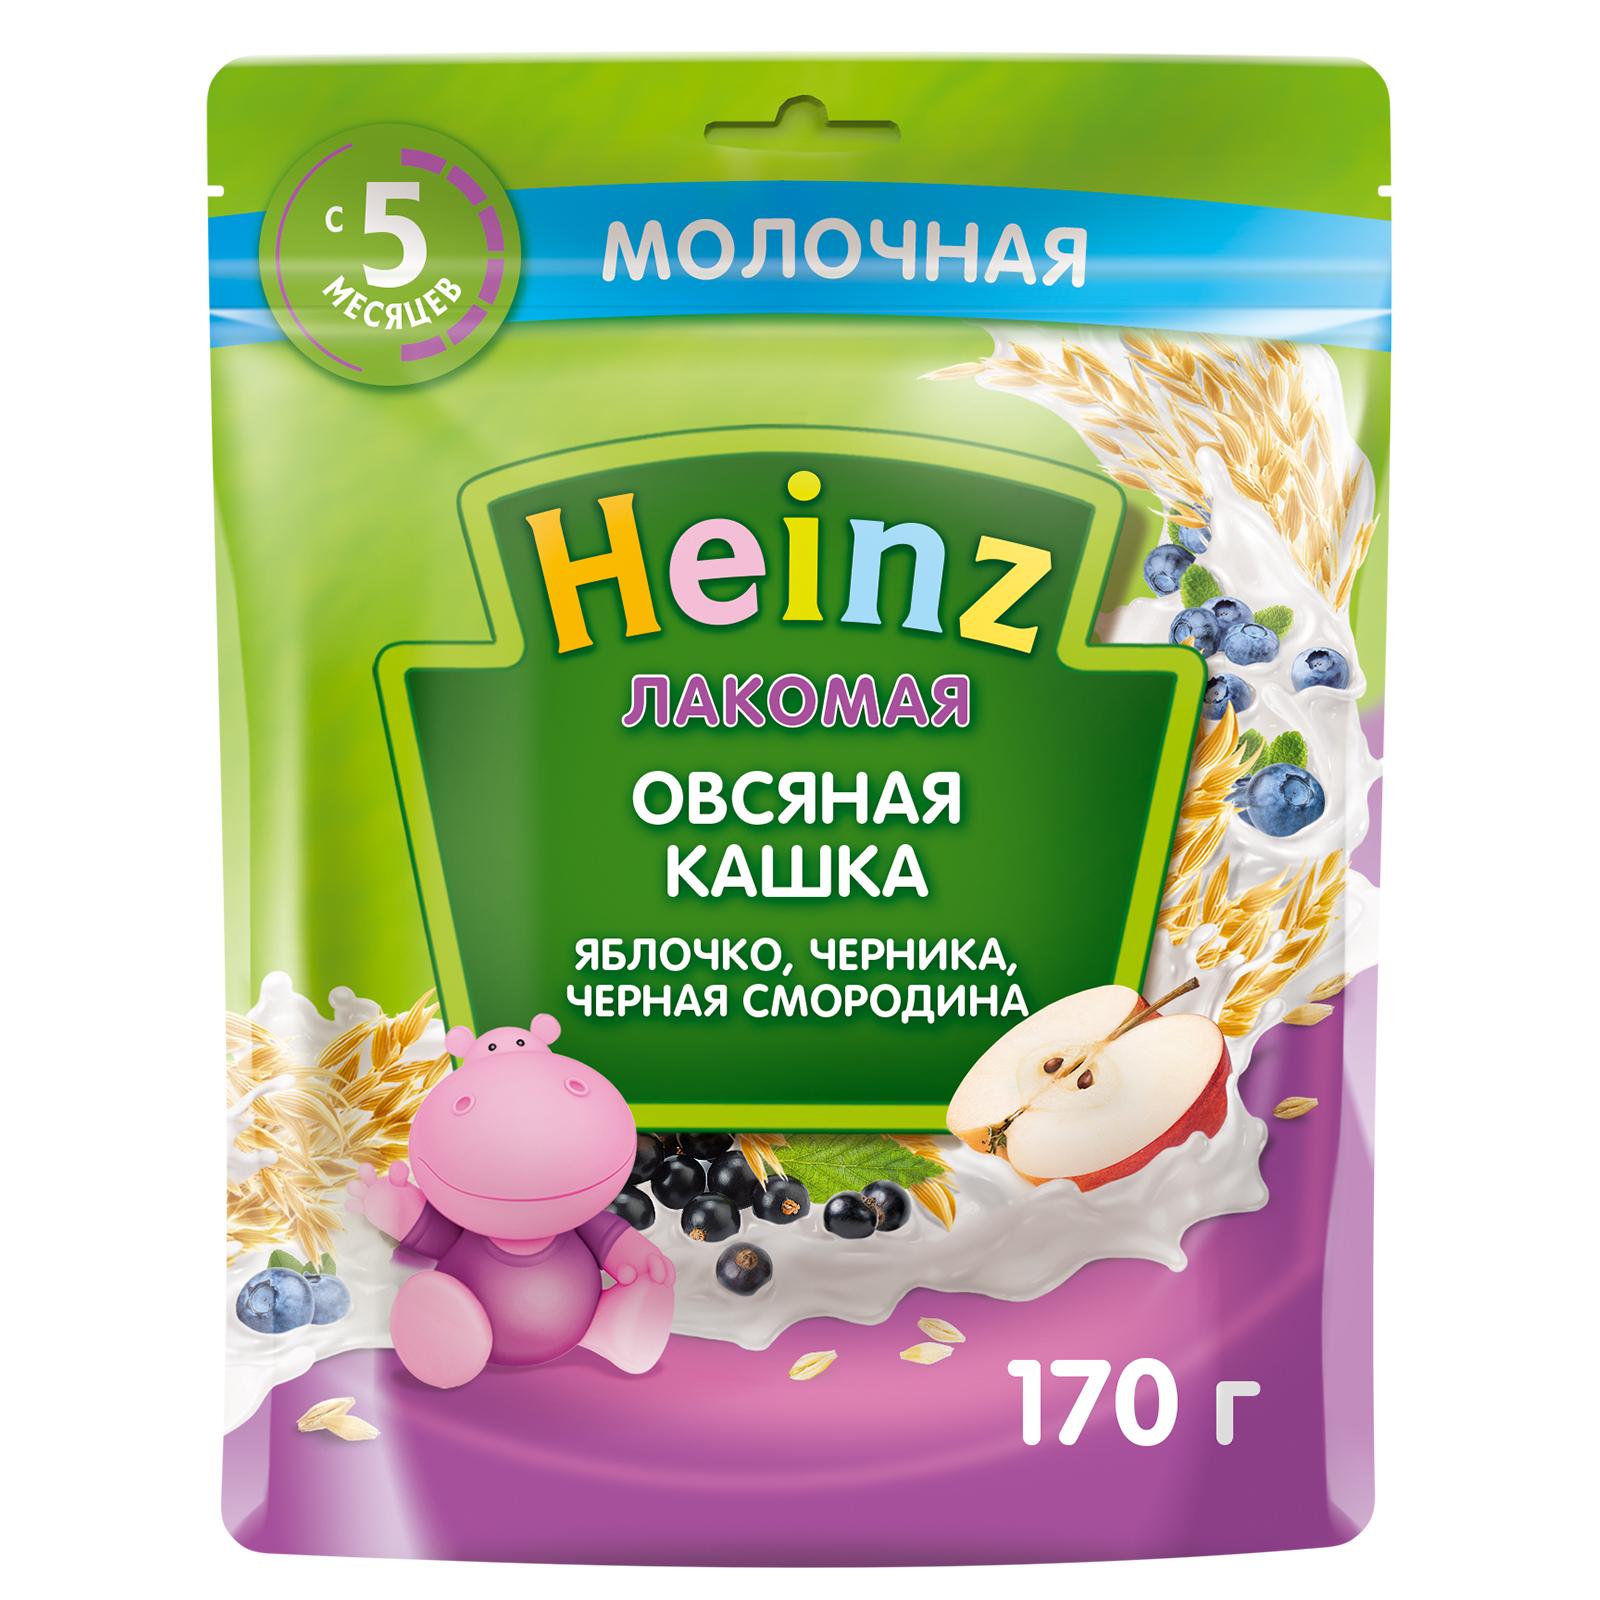 Каша Heinz Лакомая овсяная Яблоко черника черная смородина с 5 месяцев 170 г.